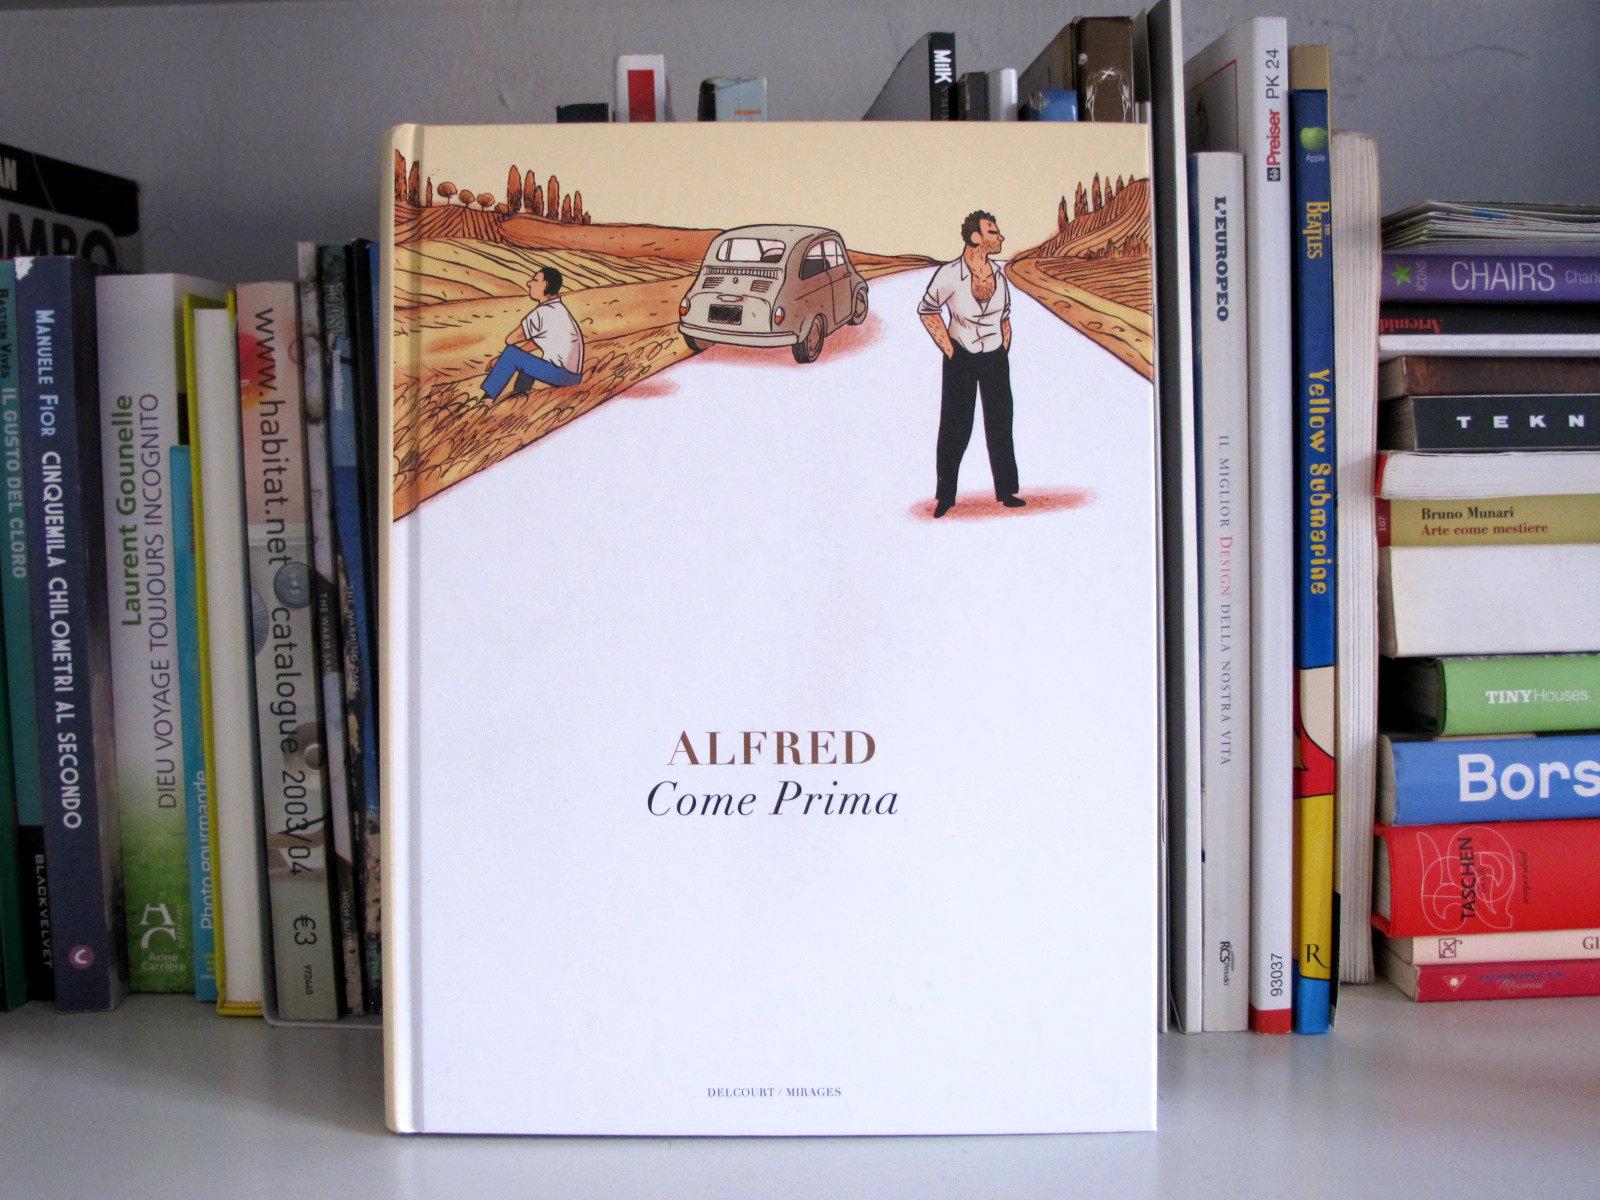 Come prima d'Alfred, road trip et voyage initiatique en Italie